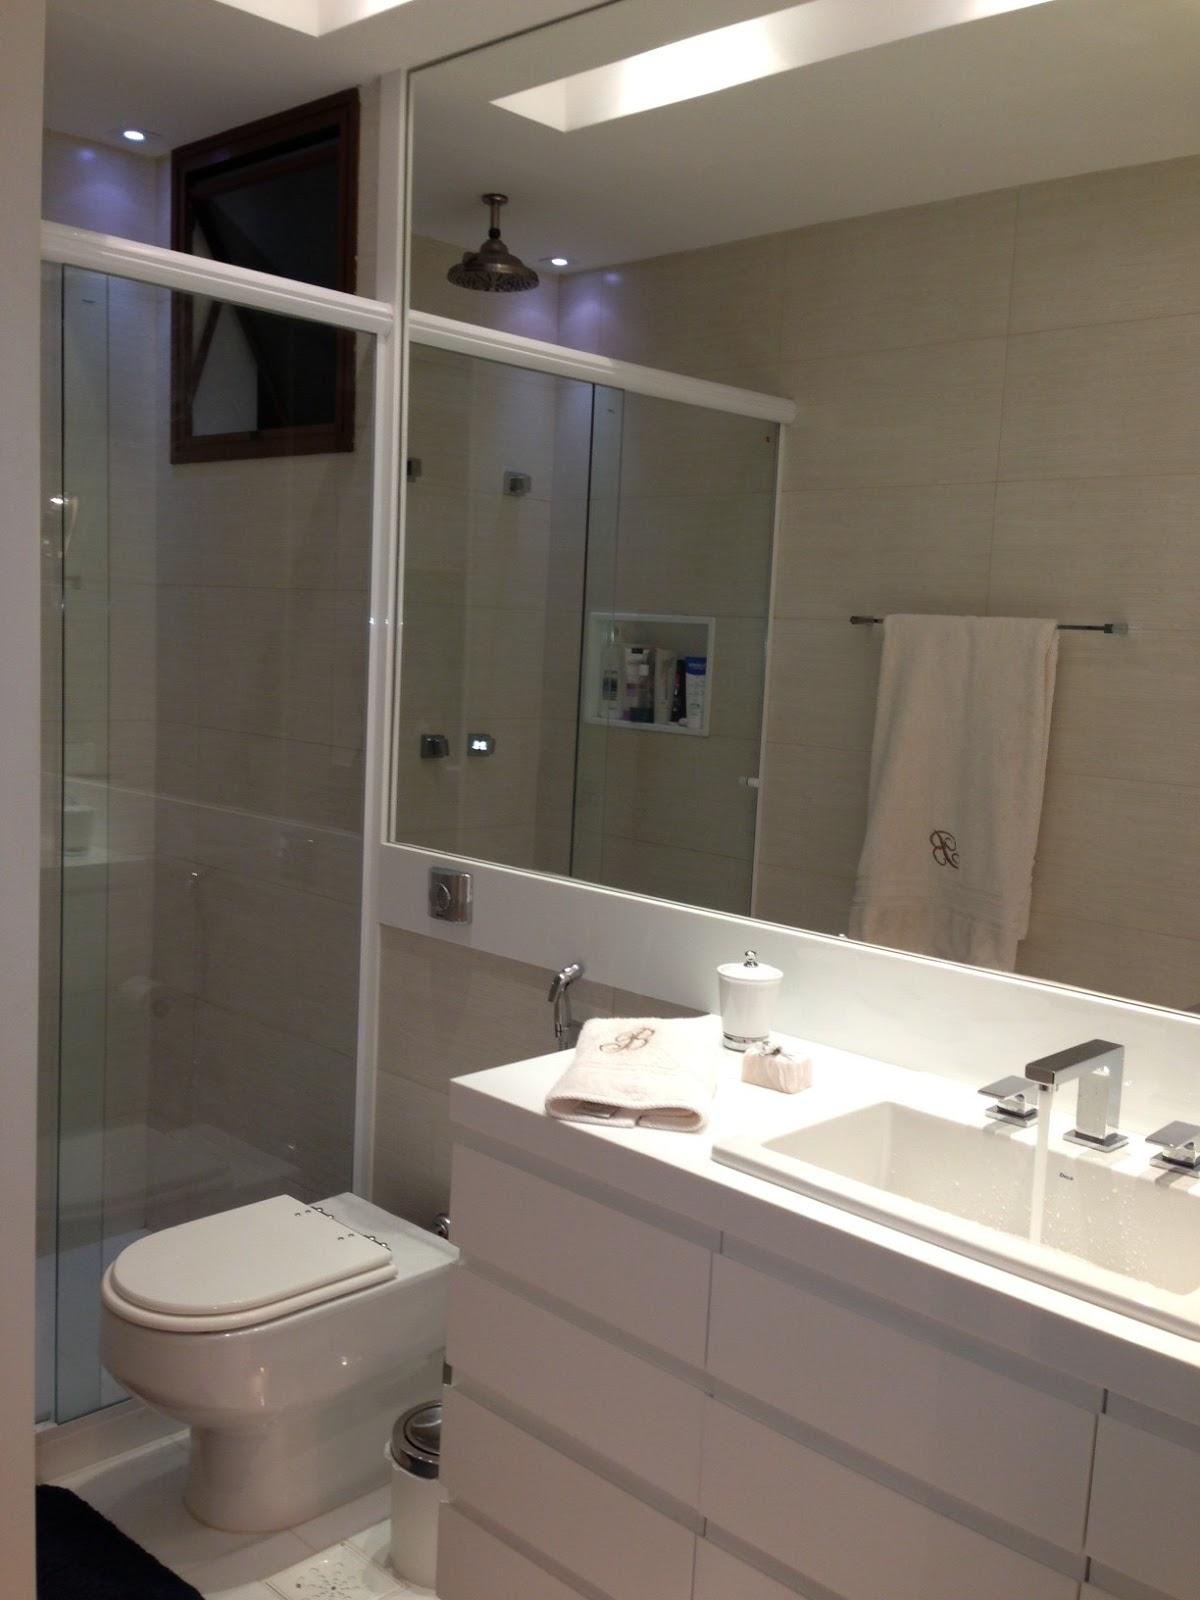 FCL.interiores: Banheiro bege e branco #80704B 1200x1600 Banheiro Bege E Marrom